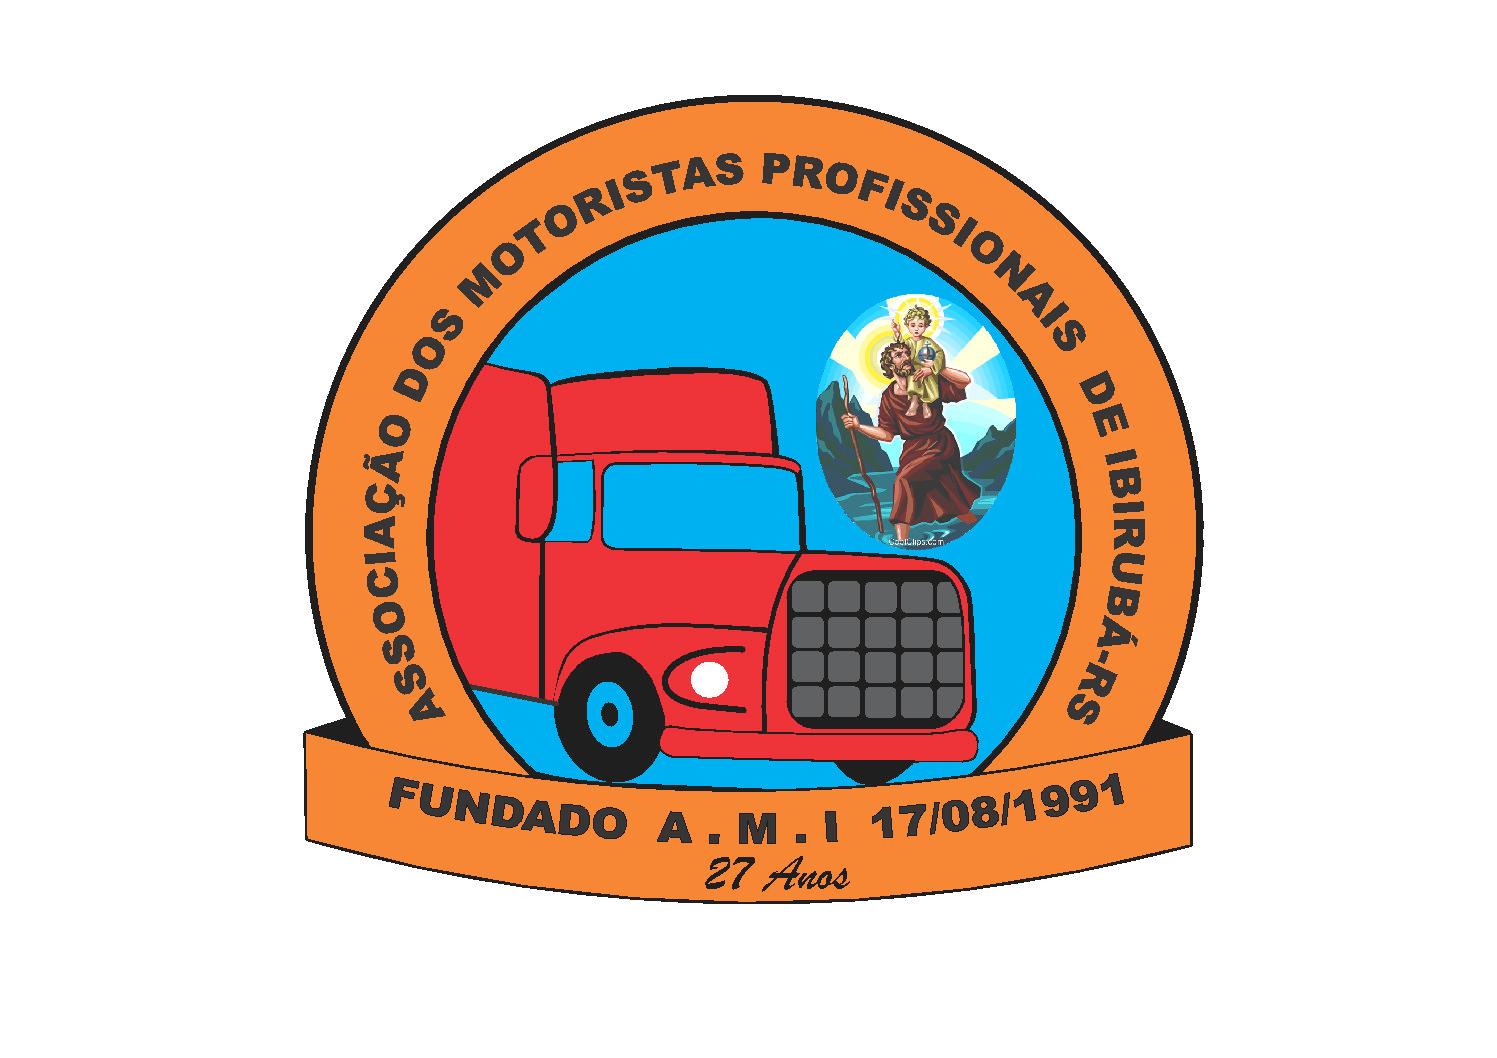 CAMISETAS POLOS PARA ASSOCIAÇÃO DOS MOTORISTAS PROFISSIONAIS DE IBIRUBÁ/RS.